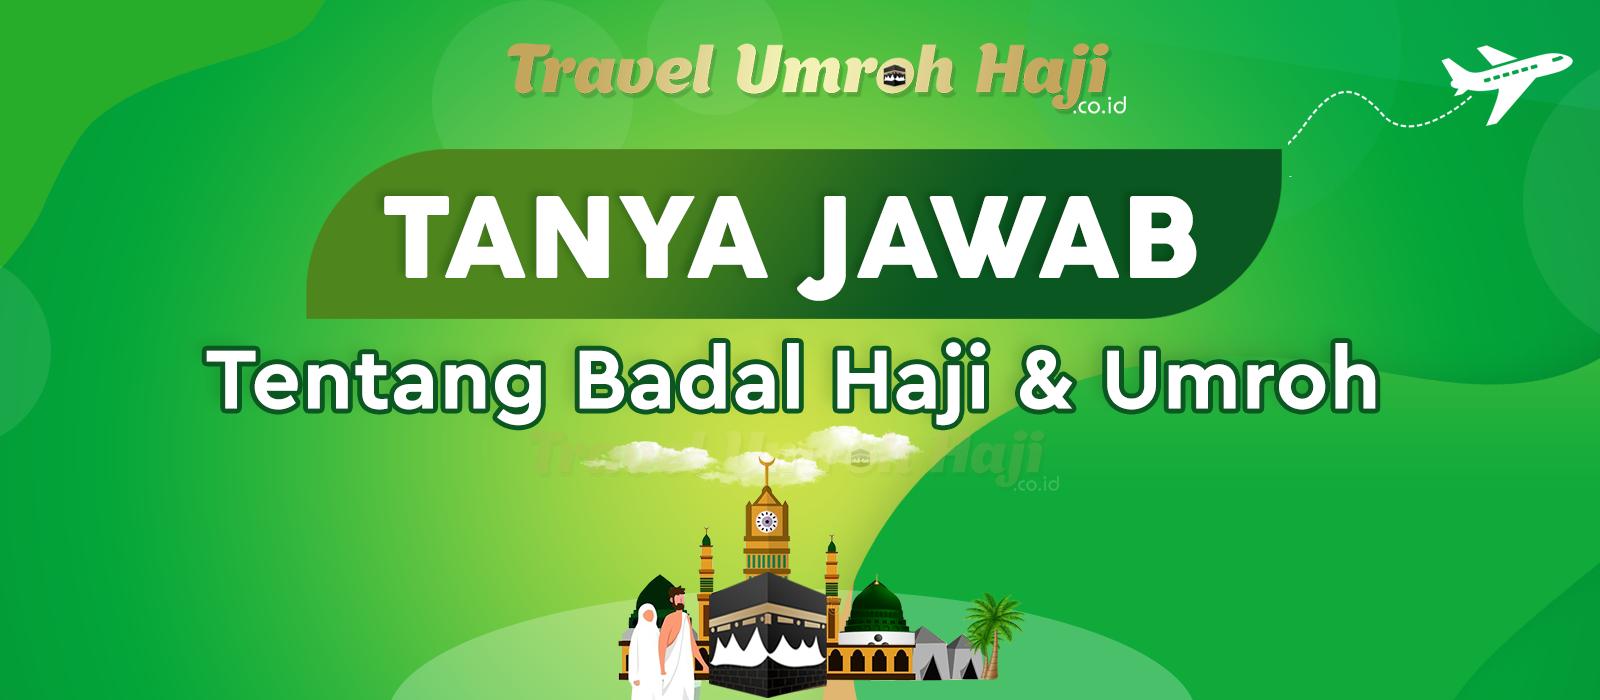 Informasi Tentang Badal Haji dan Badal Umroh pendaftar / peserta Bertanya Travel Menjawab